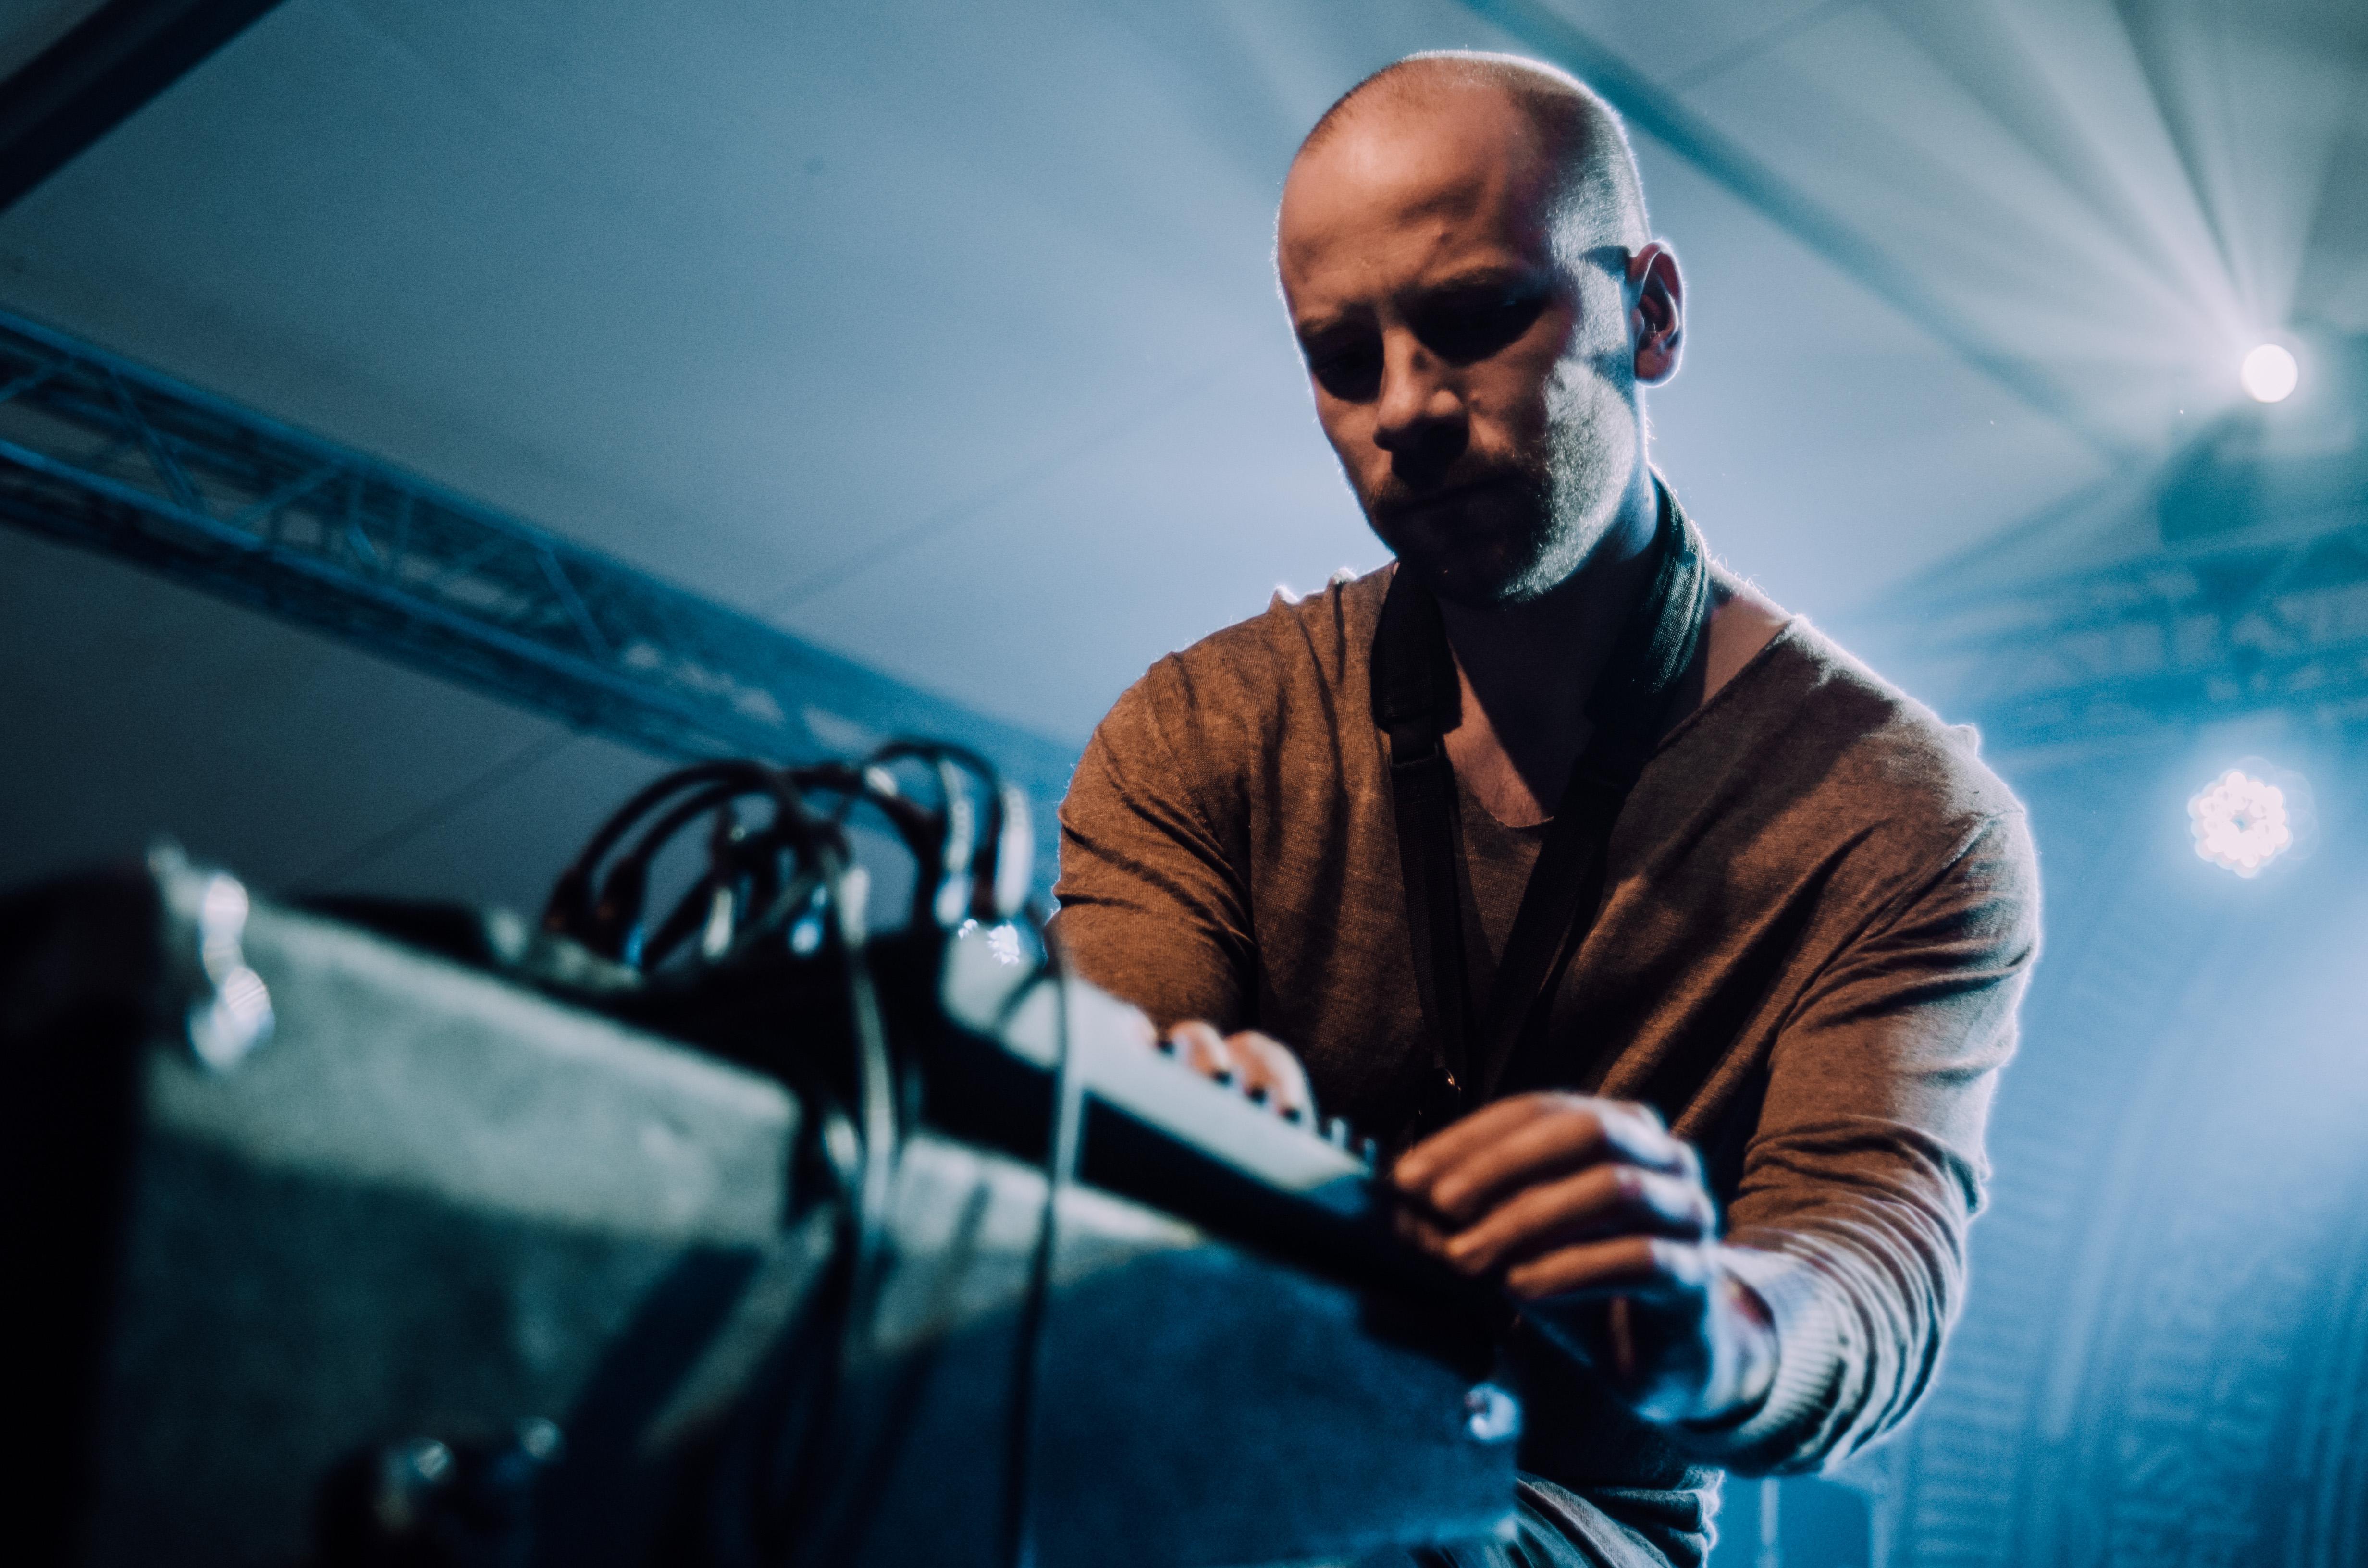 [Zbliżenie na mężczyznę skupionego na wytwarzaniu dźwięku na mikserze. W tle oświetlenie niebieskie.]